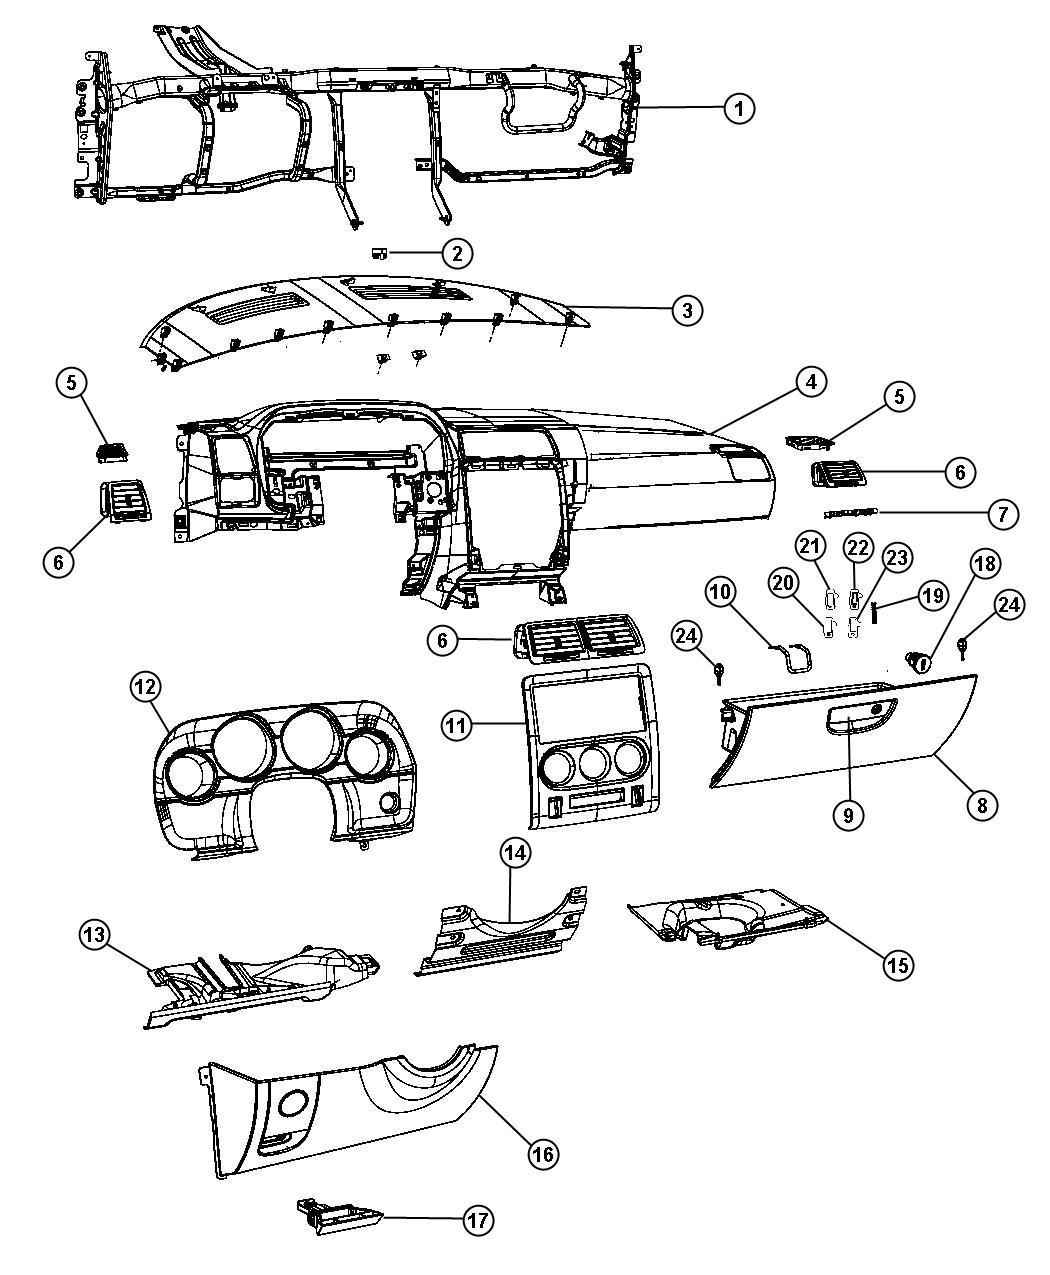 Dodge Challenger Parts Diagram Trusted Schematics Subwoofer Wiring For 2013 Mopar U2022 Free